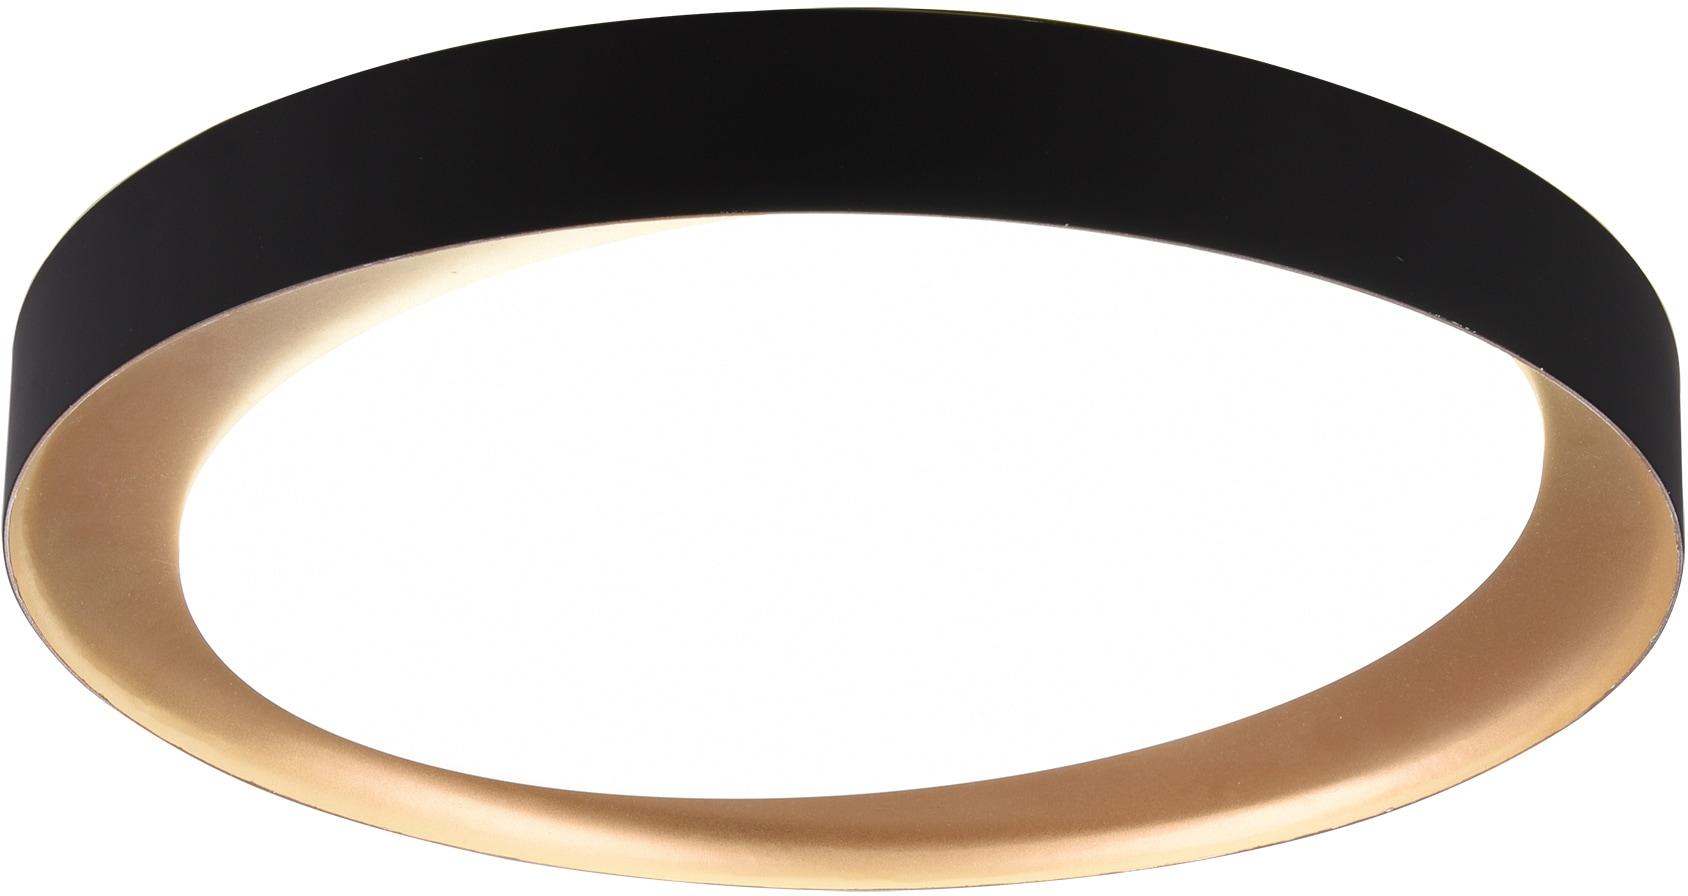 TRIO Leuchten LED Deckenleuchte Zeta, LED-Modul, Farbwechsler